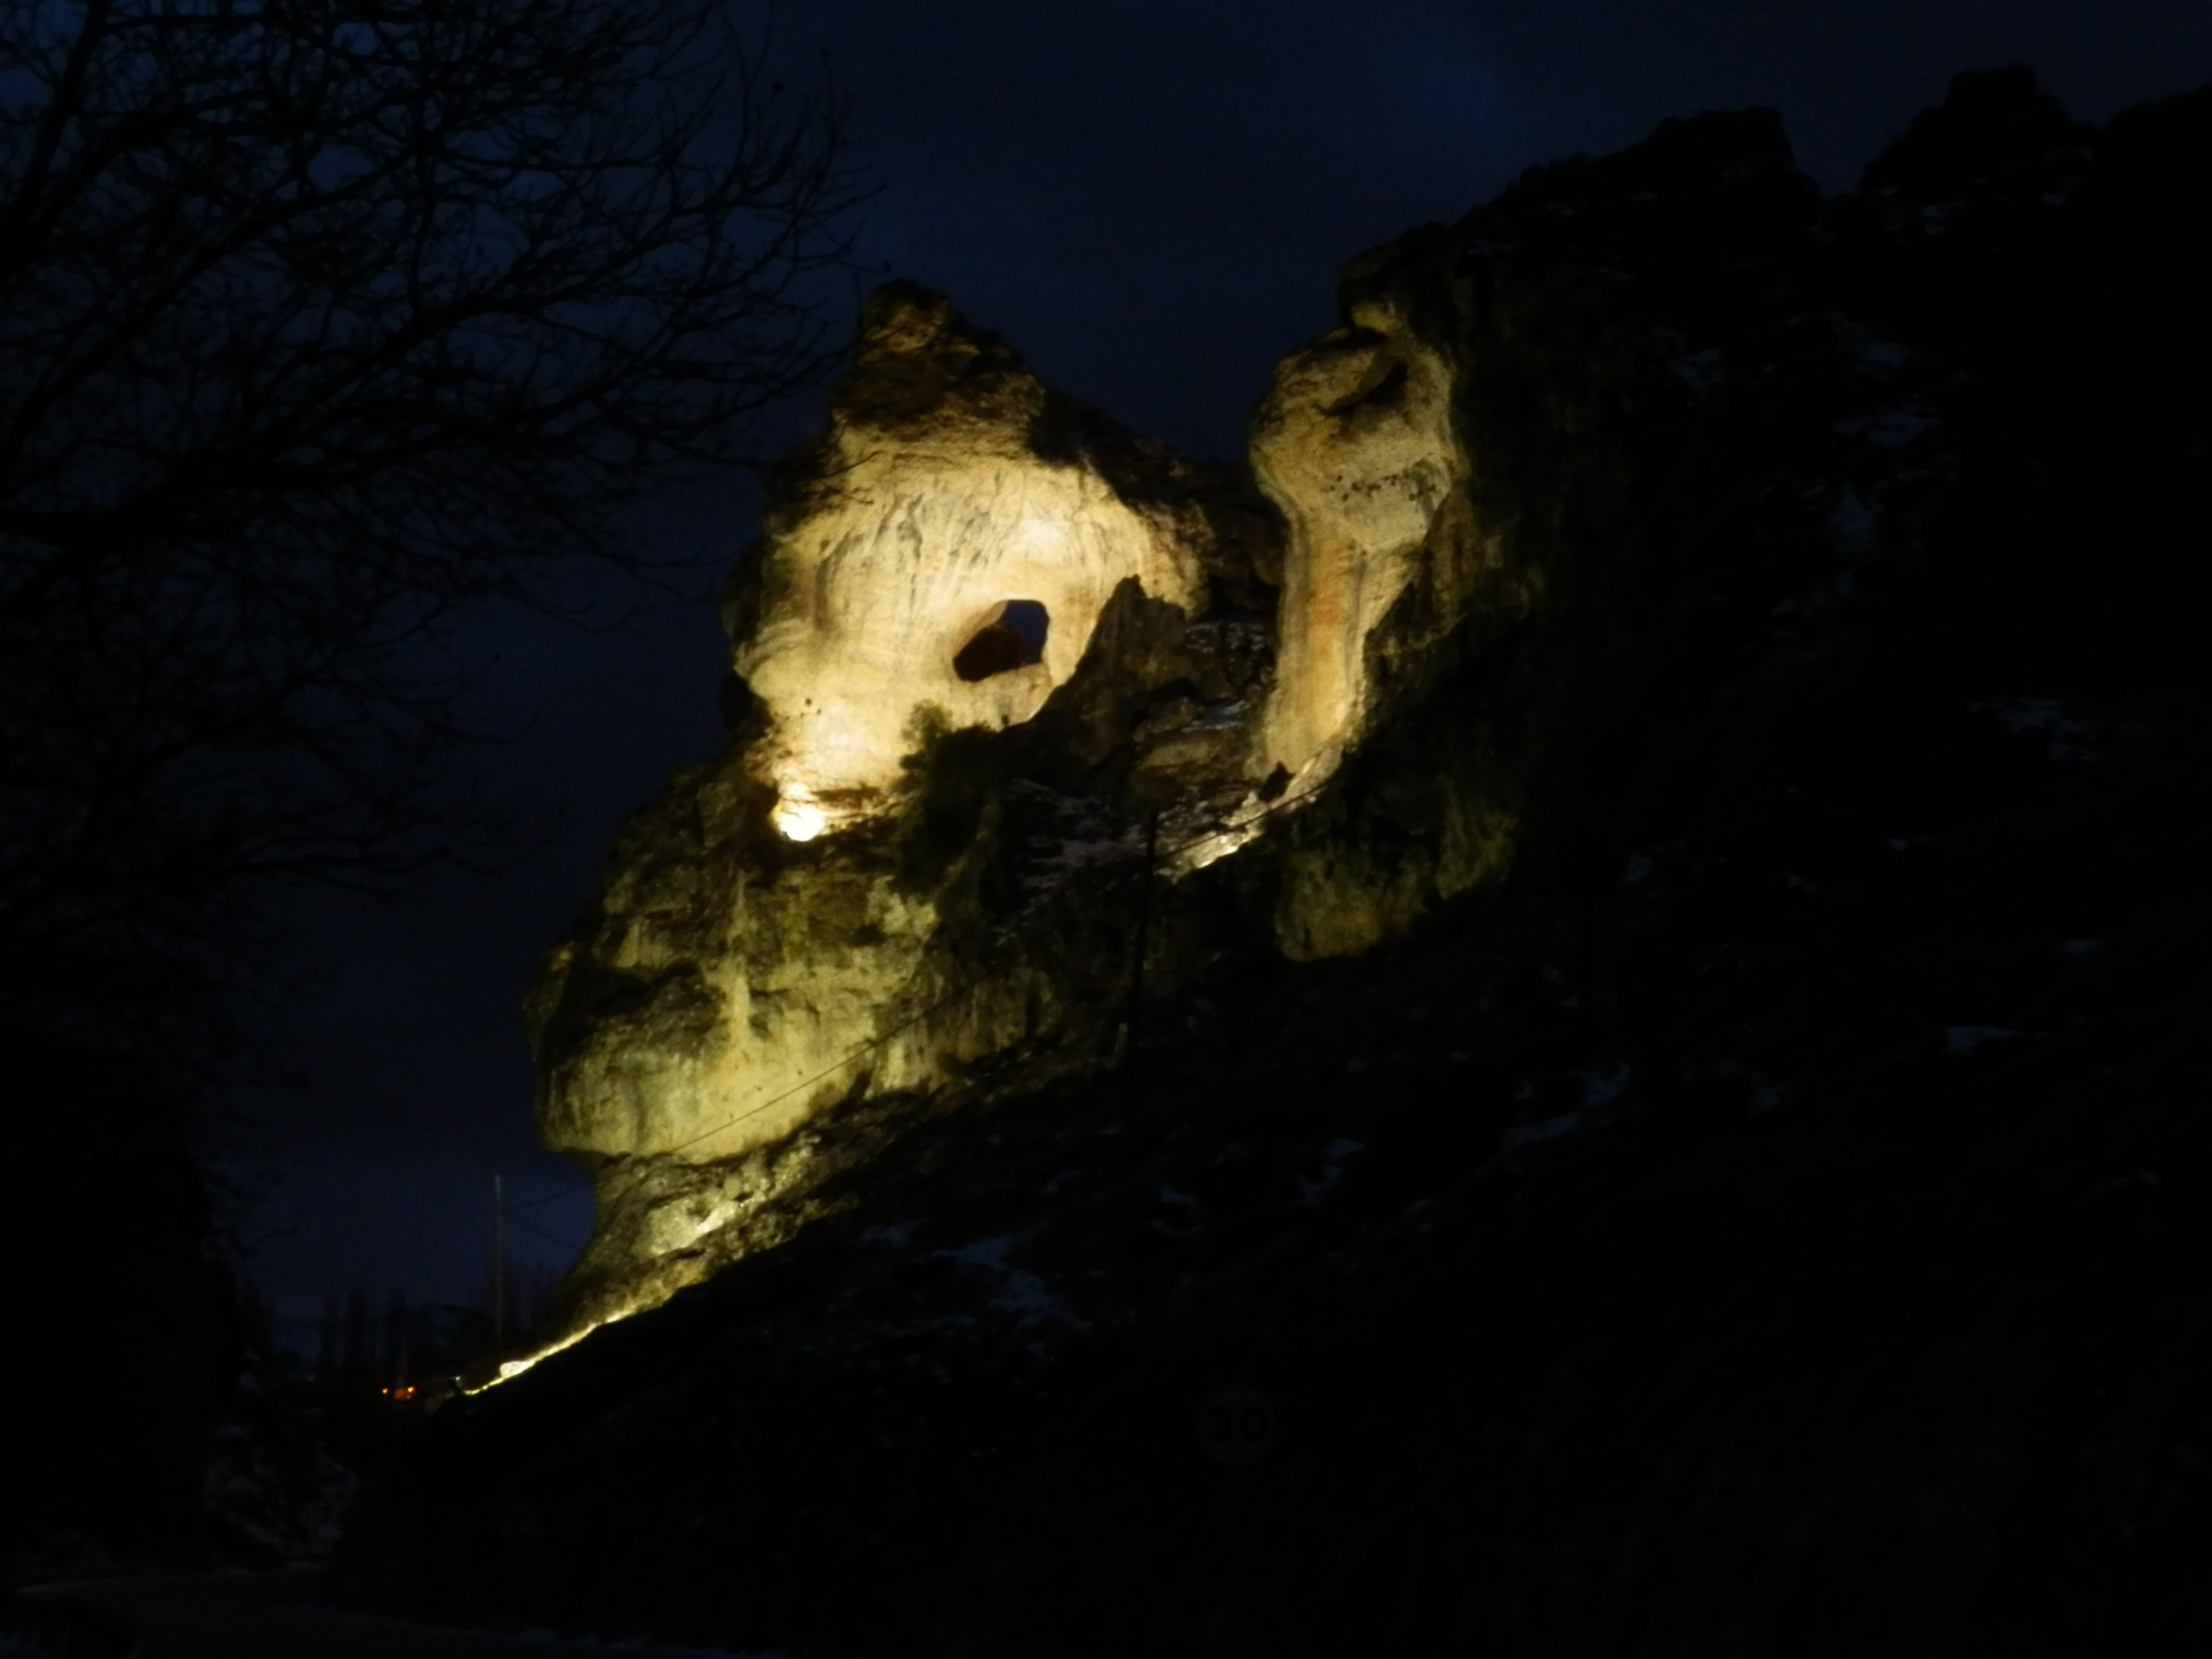 piedra iluminada